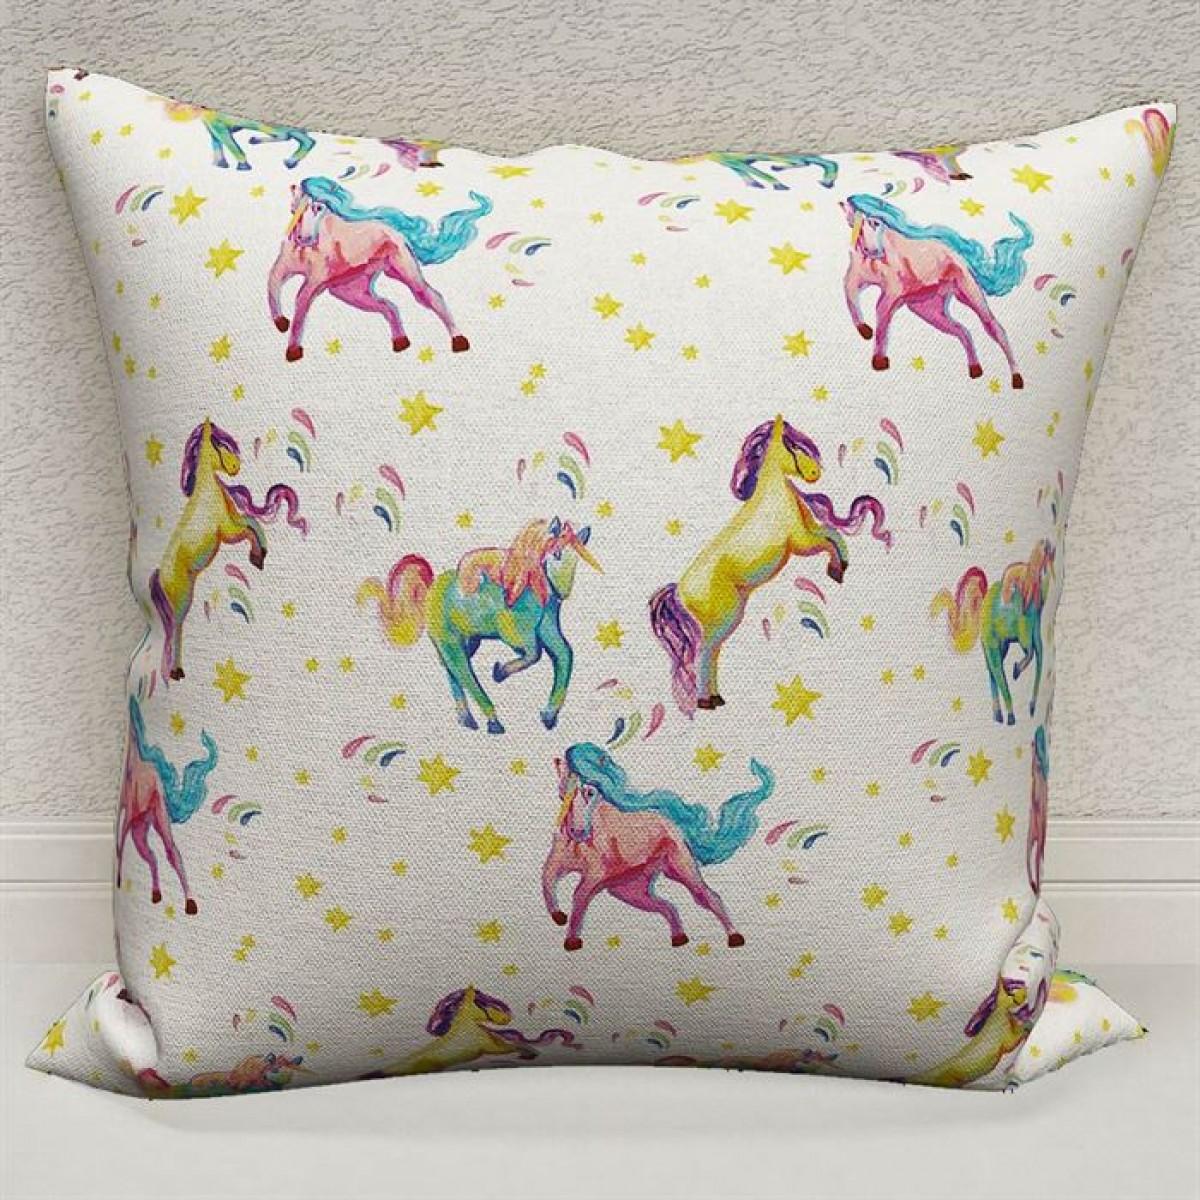 Bebek Odası - Unicorn Atlar  Baskılı Kırlent Kılıfı (Çift Taraflı)